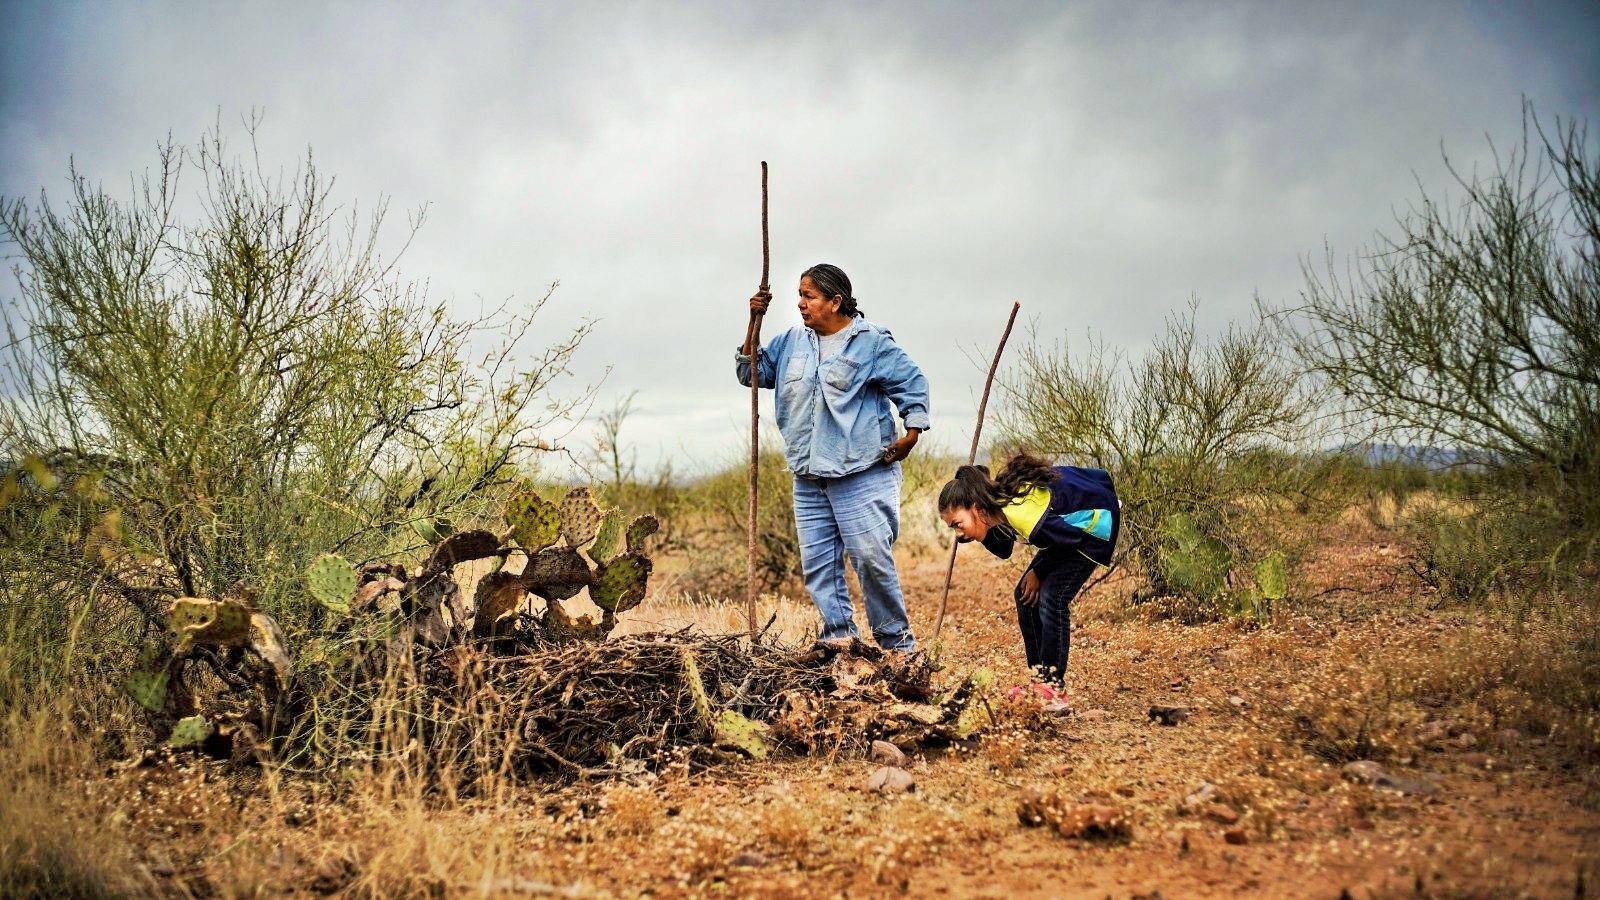 Ο σκληρός αγώνας των Ιθαγενών για να γλιτώσουν τον αφανισμό